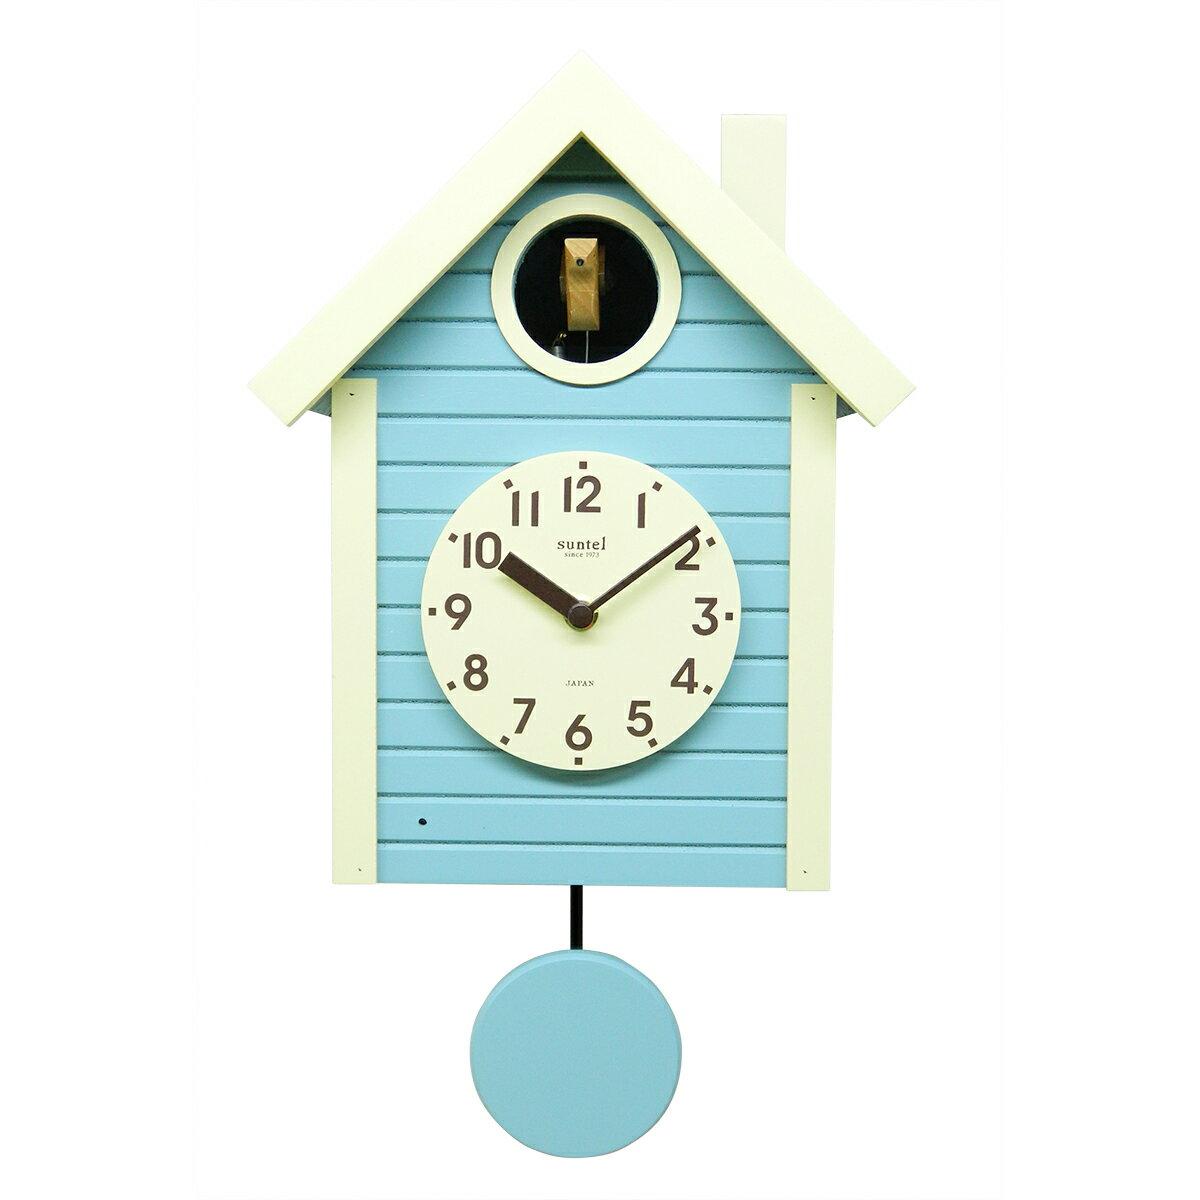 鳩時計 おしゃれ さんてる 北欧 アクアブルー 電子音 壁掛け 日本製 木製 ギフト プレゼント インテリア 父の日